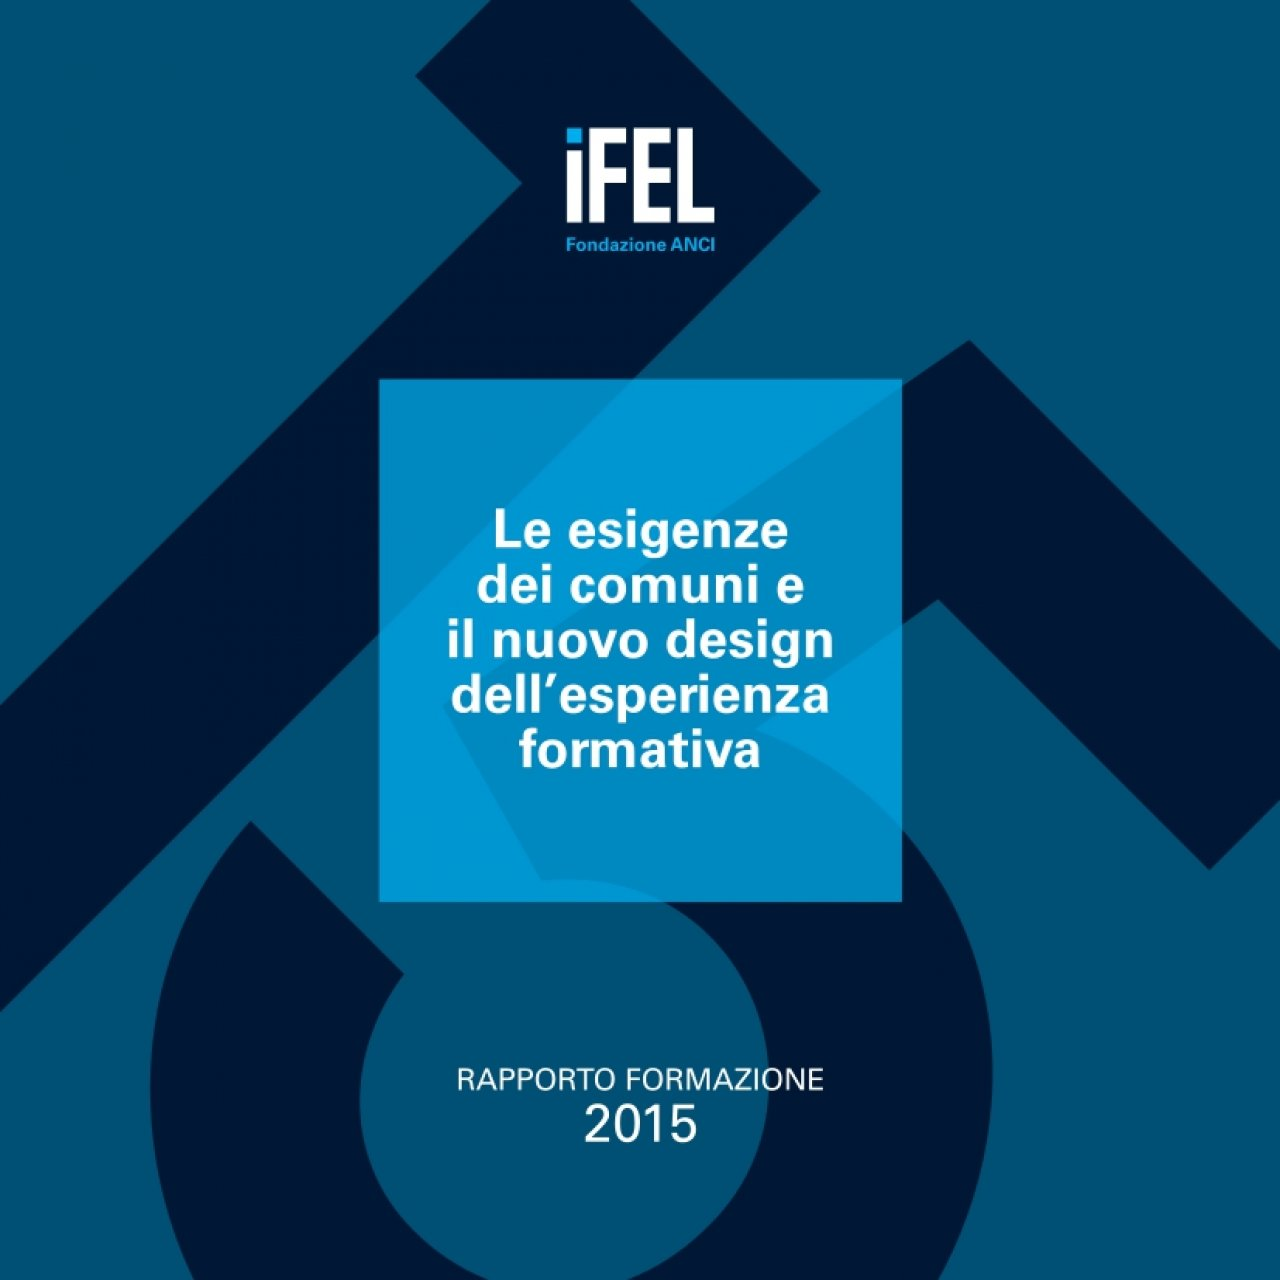 Rapporto Formazione 2015